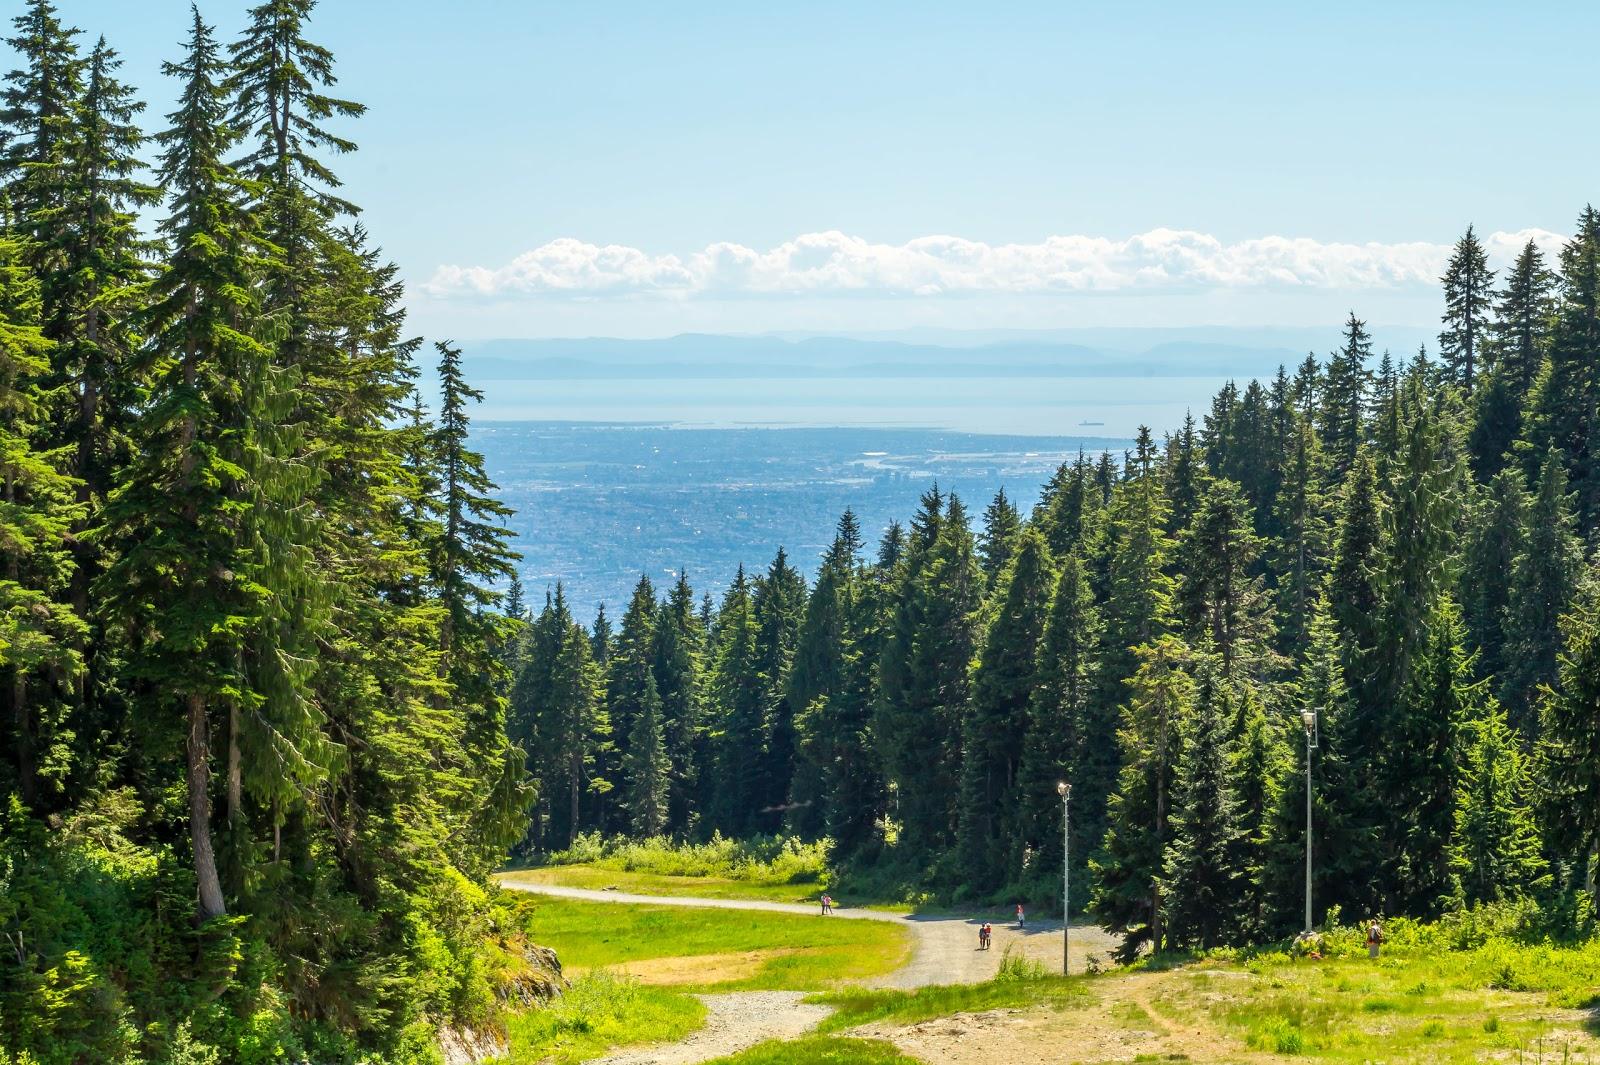 Уже вначале нашей прогулки по горе открываются виды на одноэтажную часть Ванкувера и океанский залив.